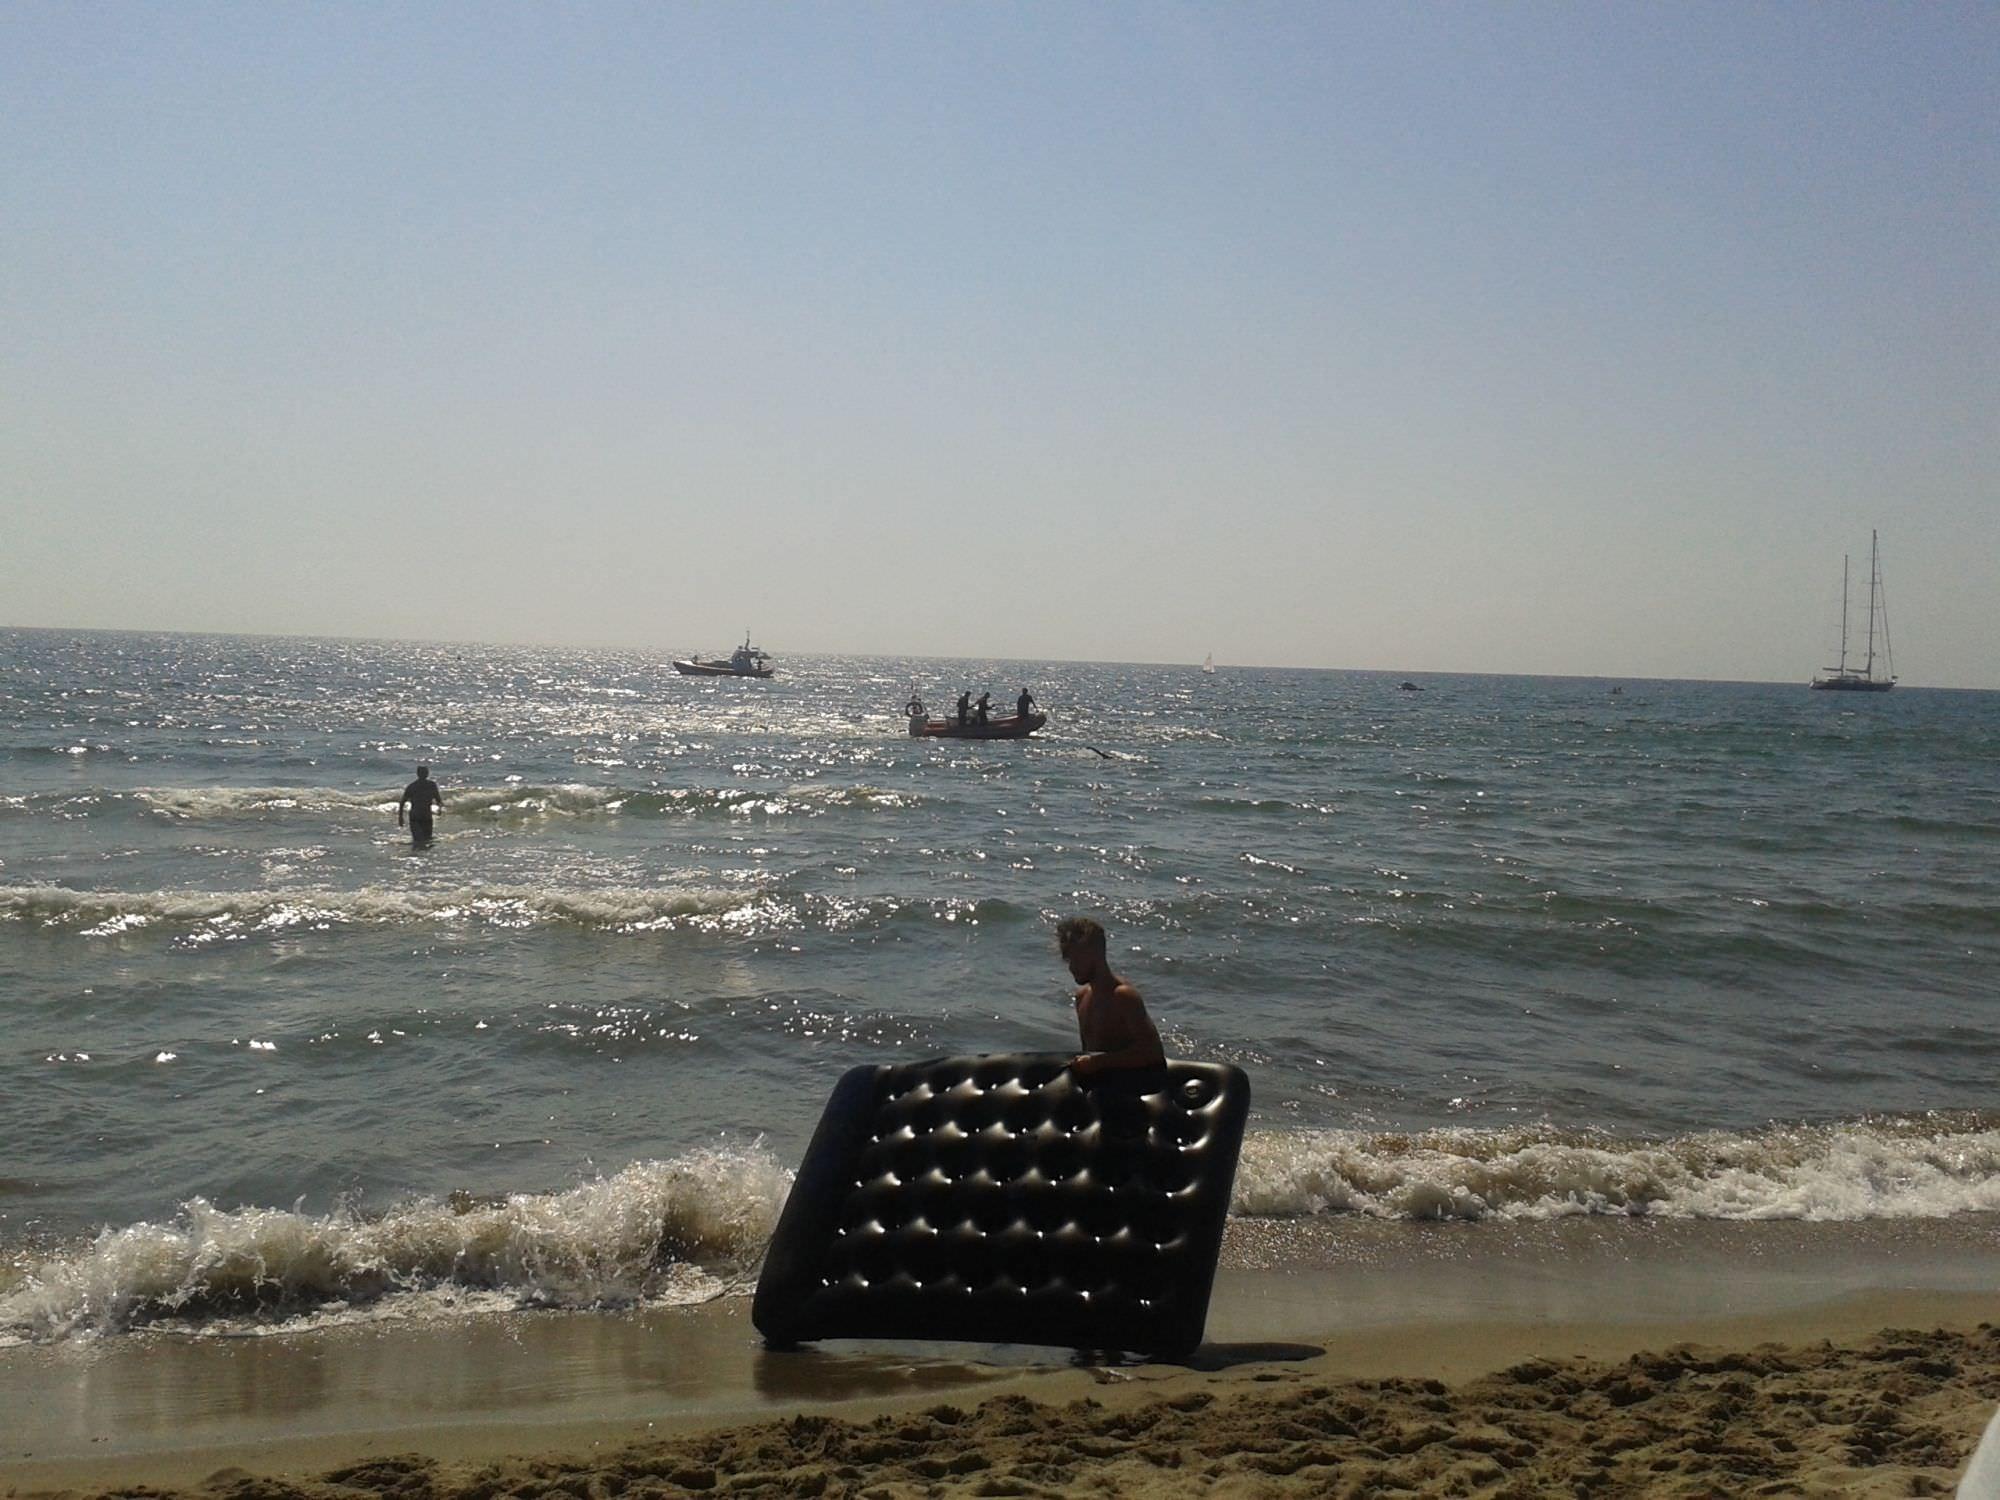 Riprese le ricerche del giovane disperso in mare